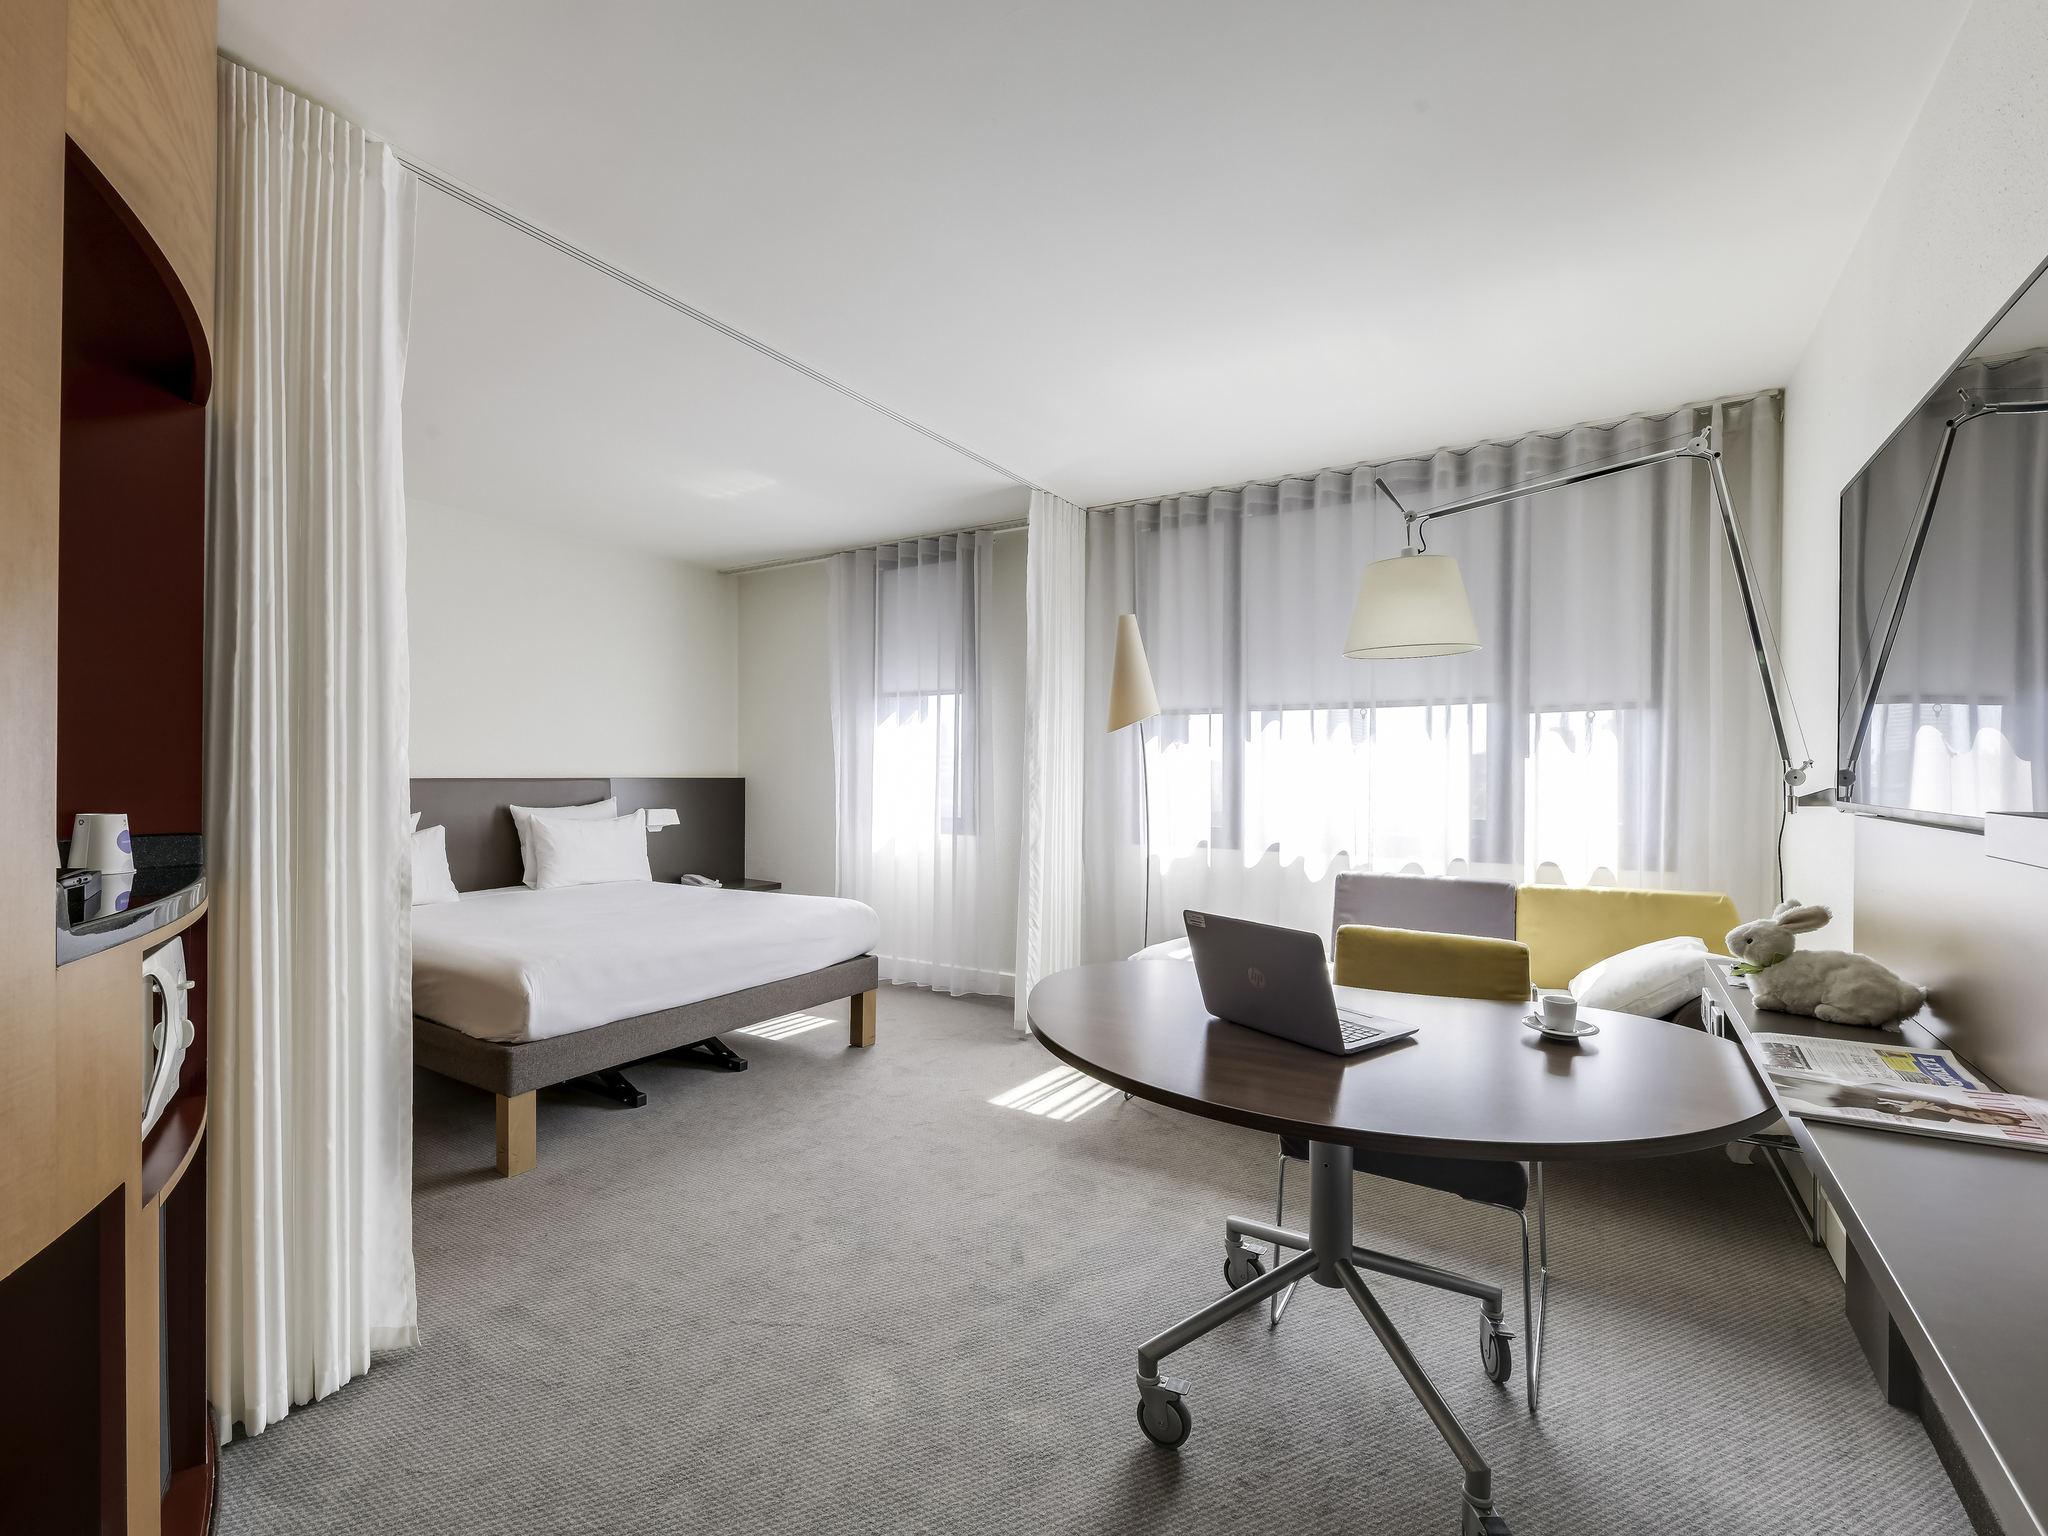 โรงแรม – โนโวเทลสวีทส์ ปารีส นอร์ 18เอเม่